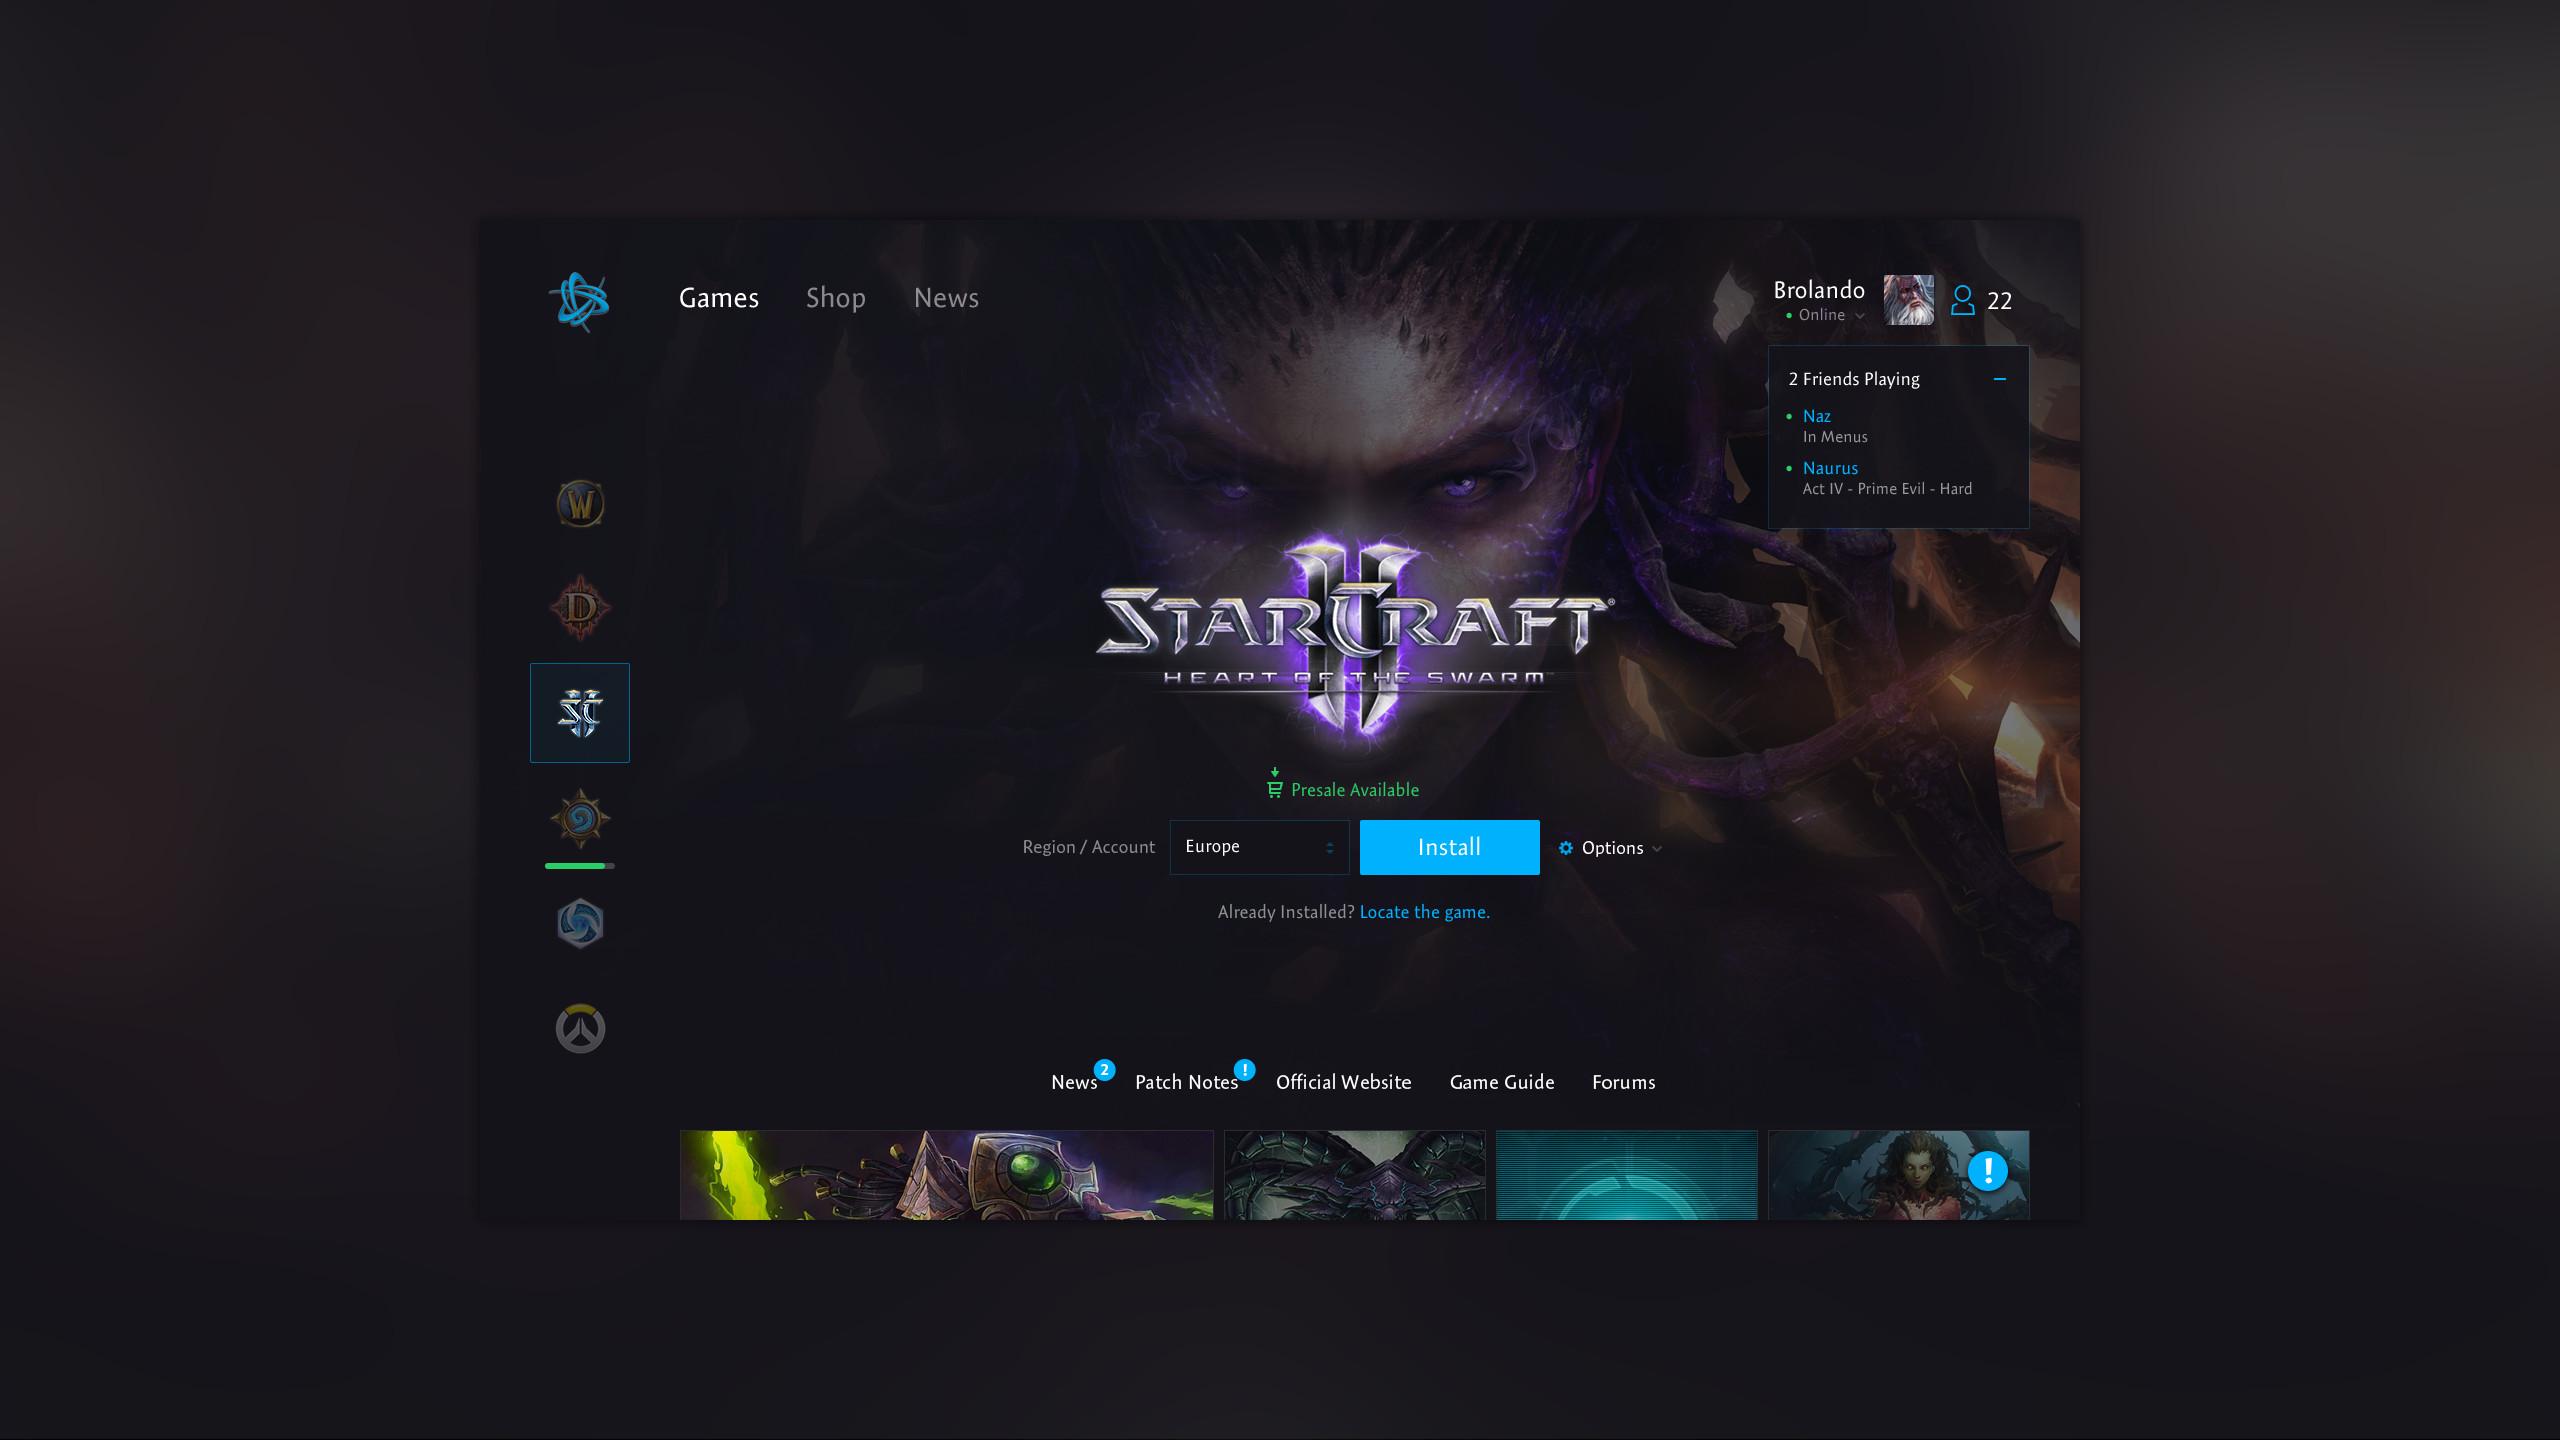 Battlenet starcraft app